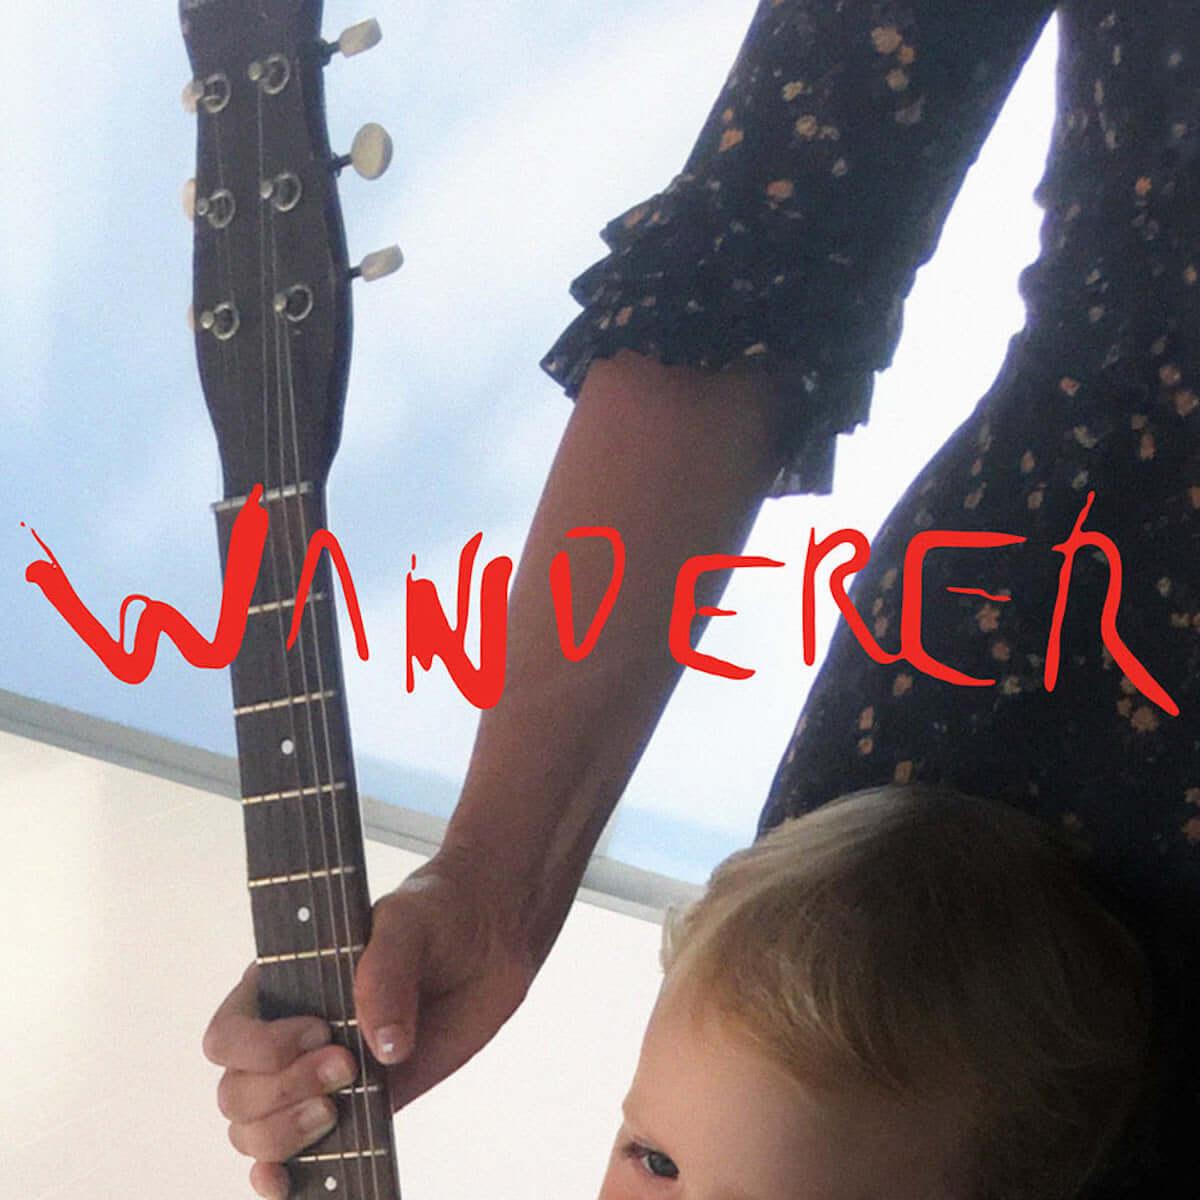 キャット・パワーが新作『ワンダラー』からリアーナのカバー曲「Stay」のMVを公開 music180920_catpower_2-1200x1200